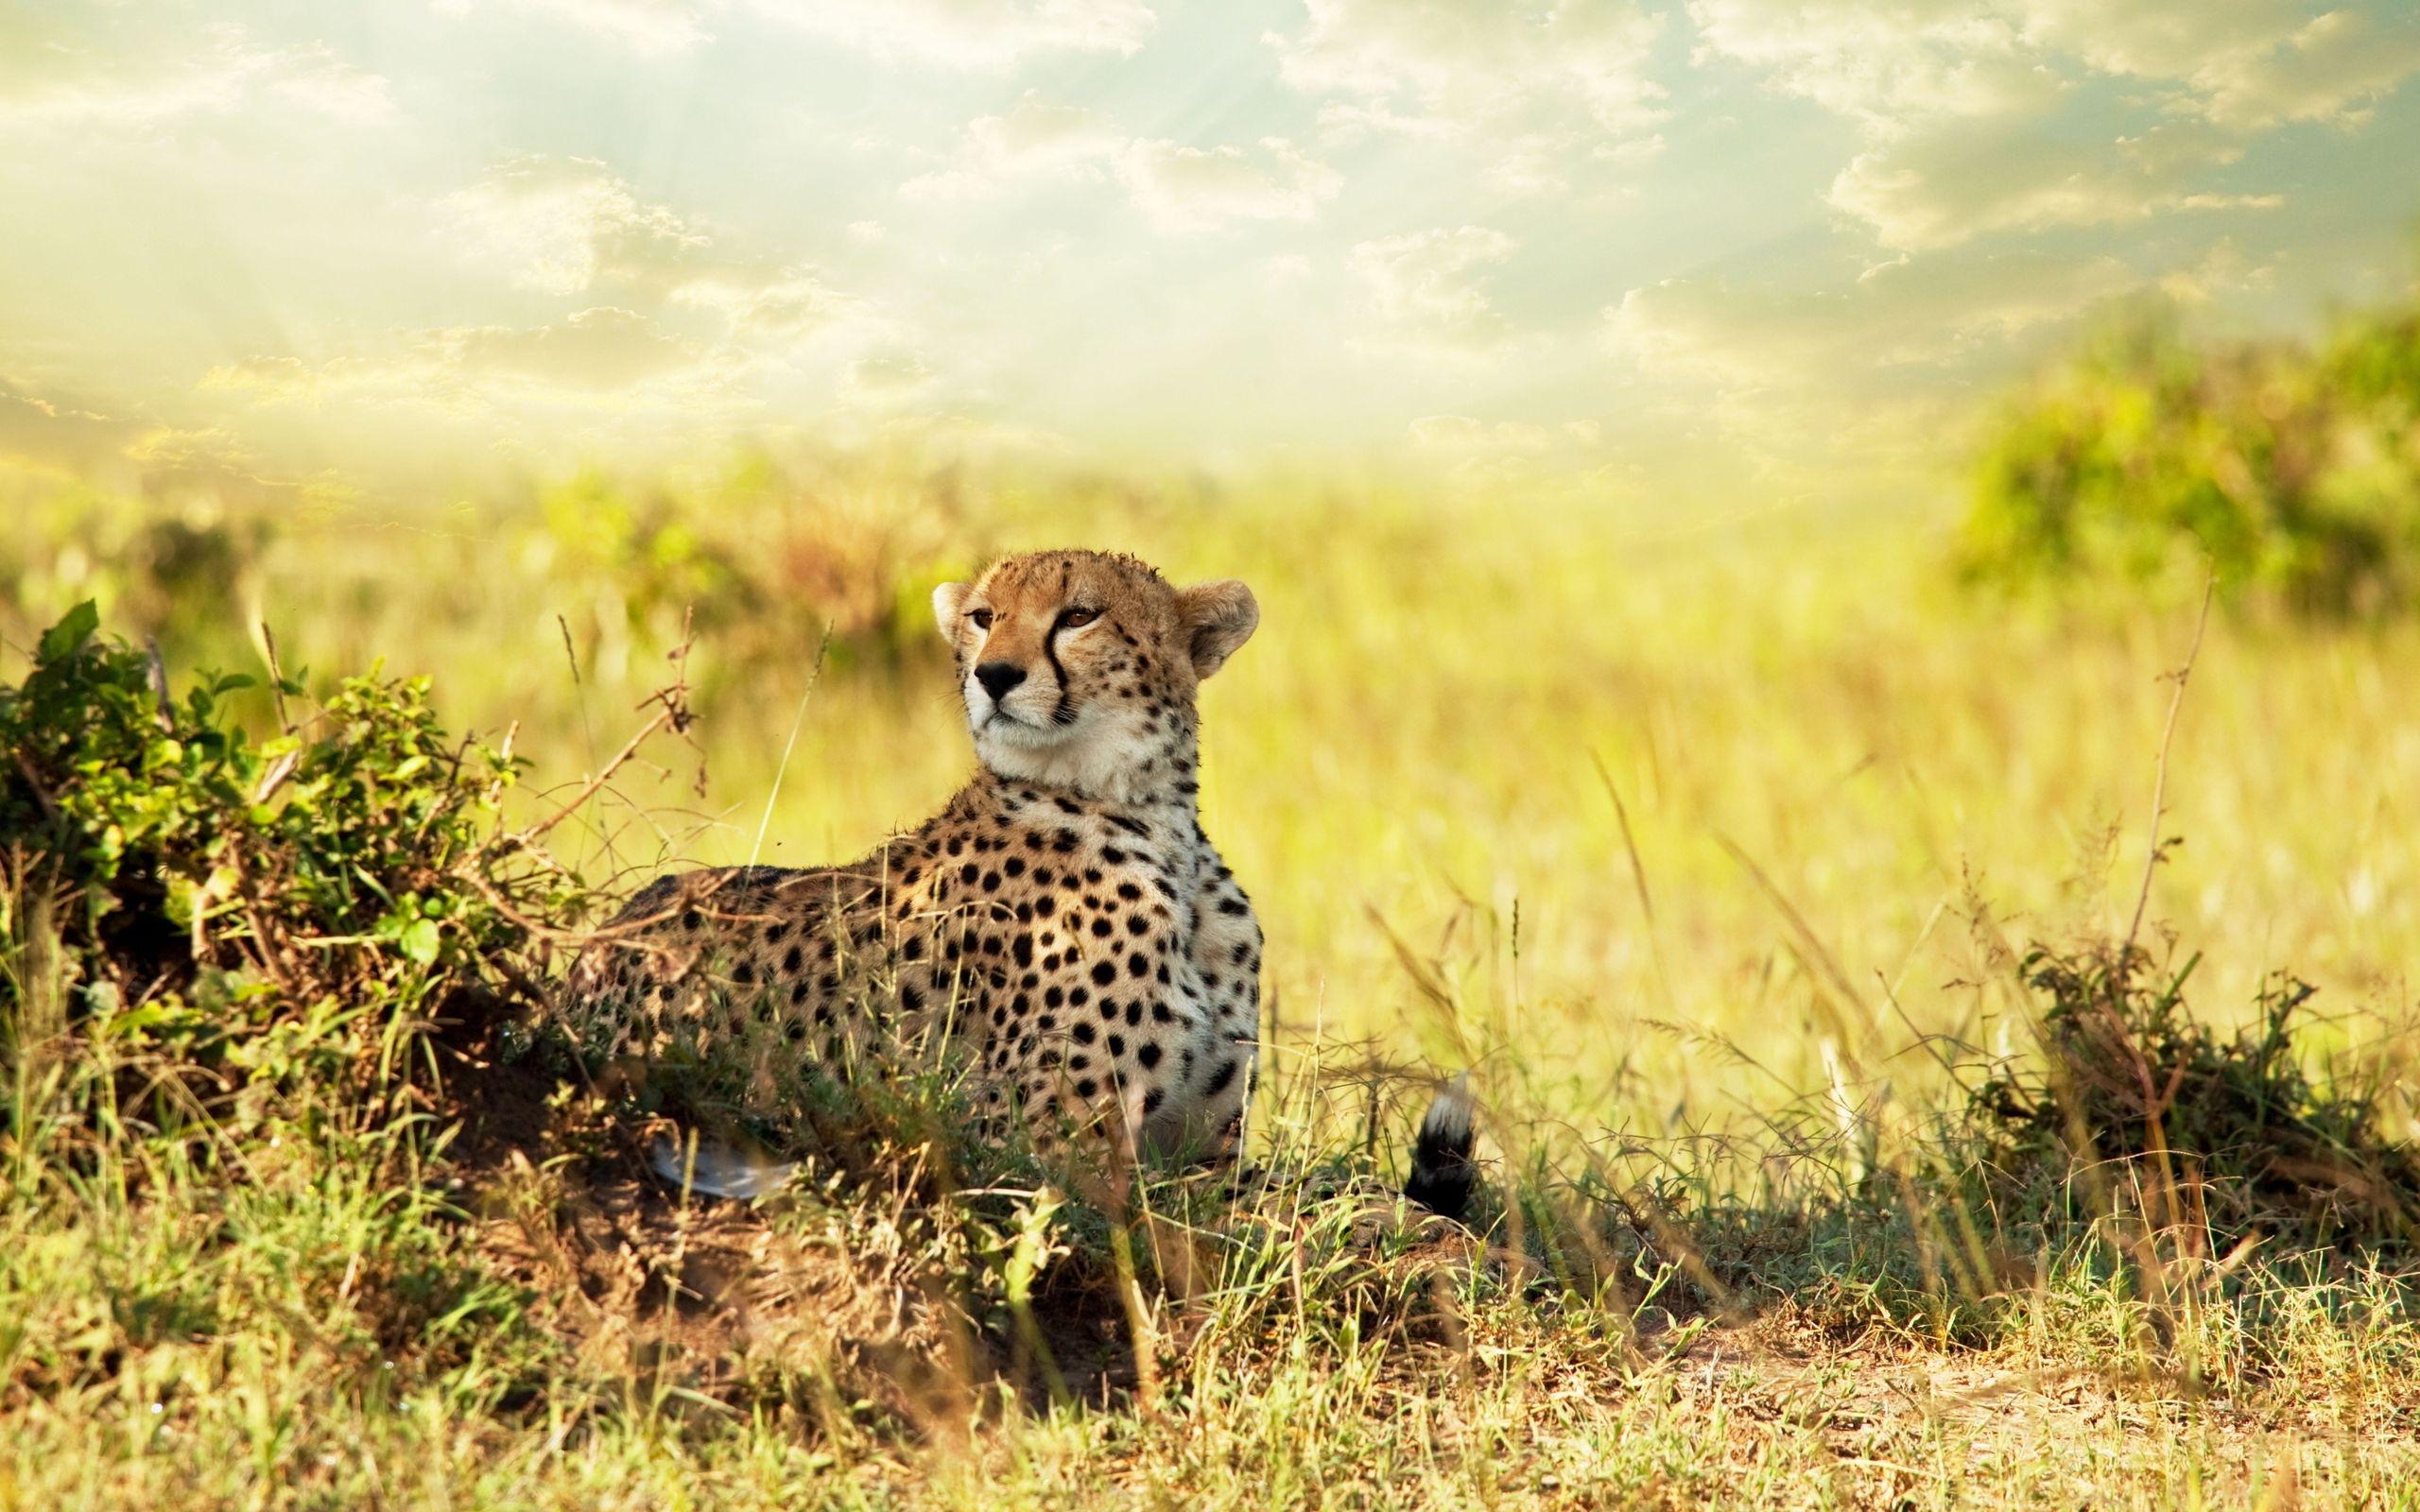 cheetah images animal